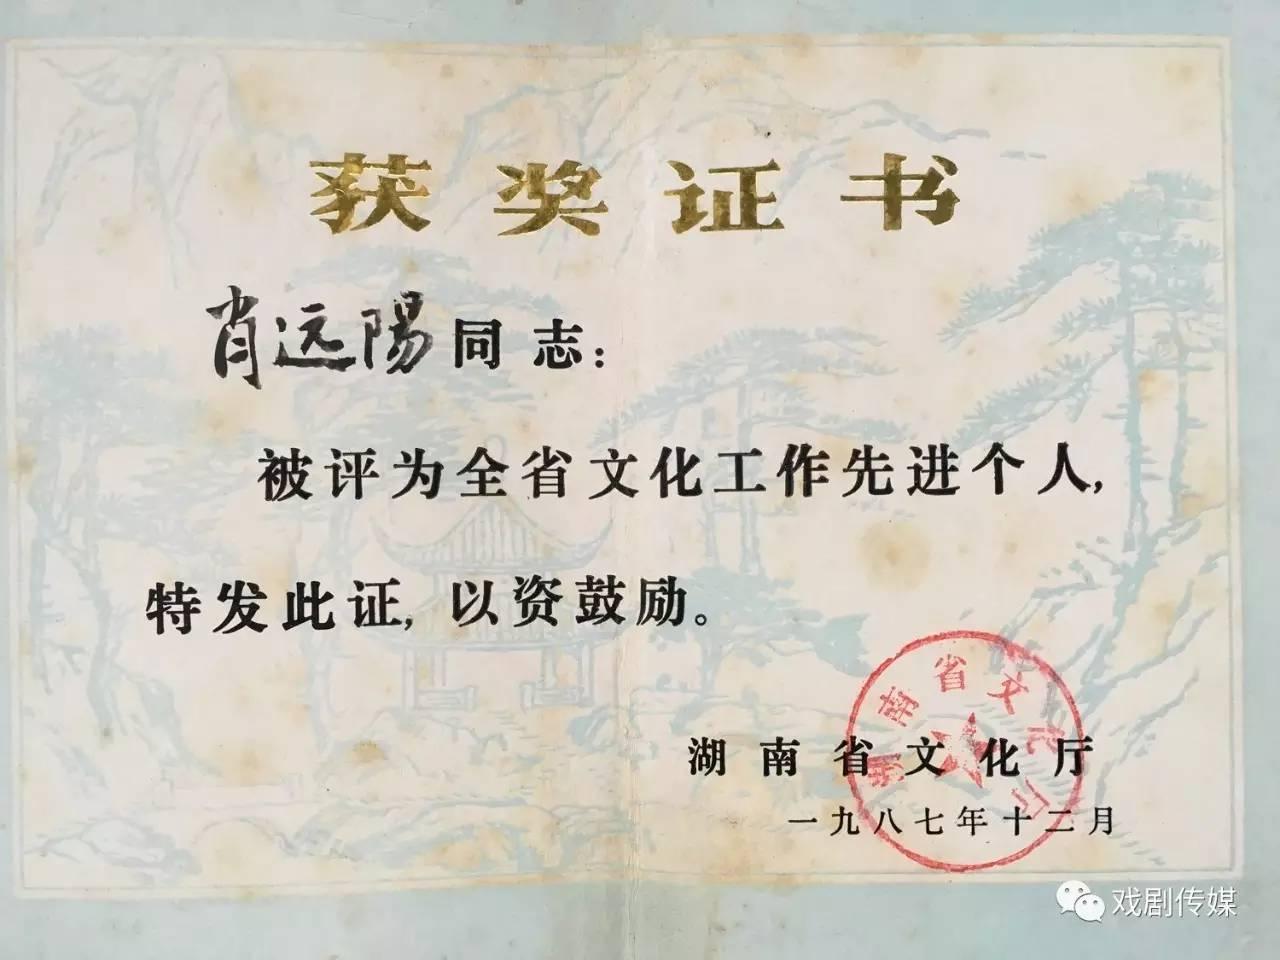 伉俪远名扬 记花鼓戏表演艺术家肖远扬 徐瑞萍夫妇